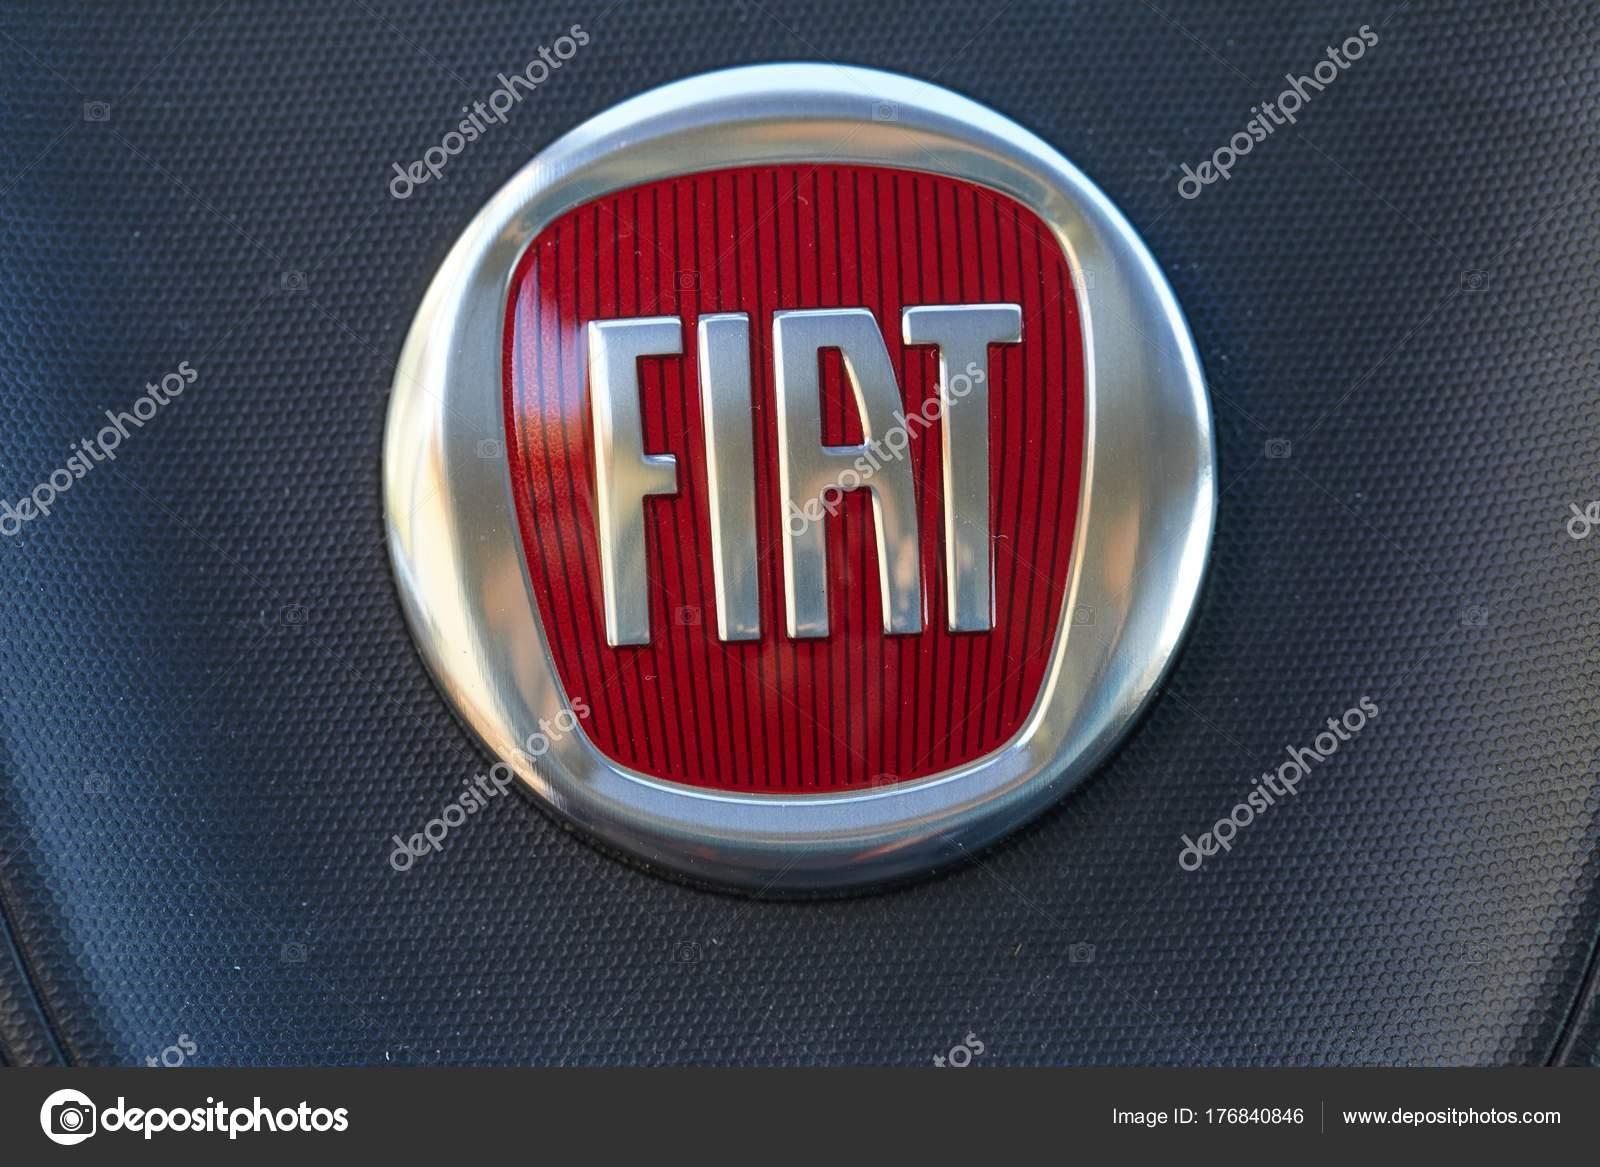 Fiat Car Logo Gudella 176840846